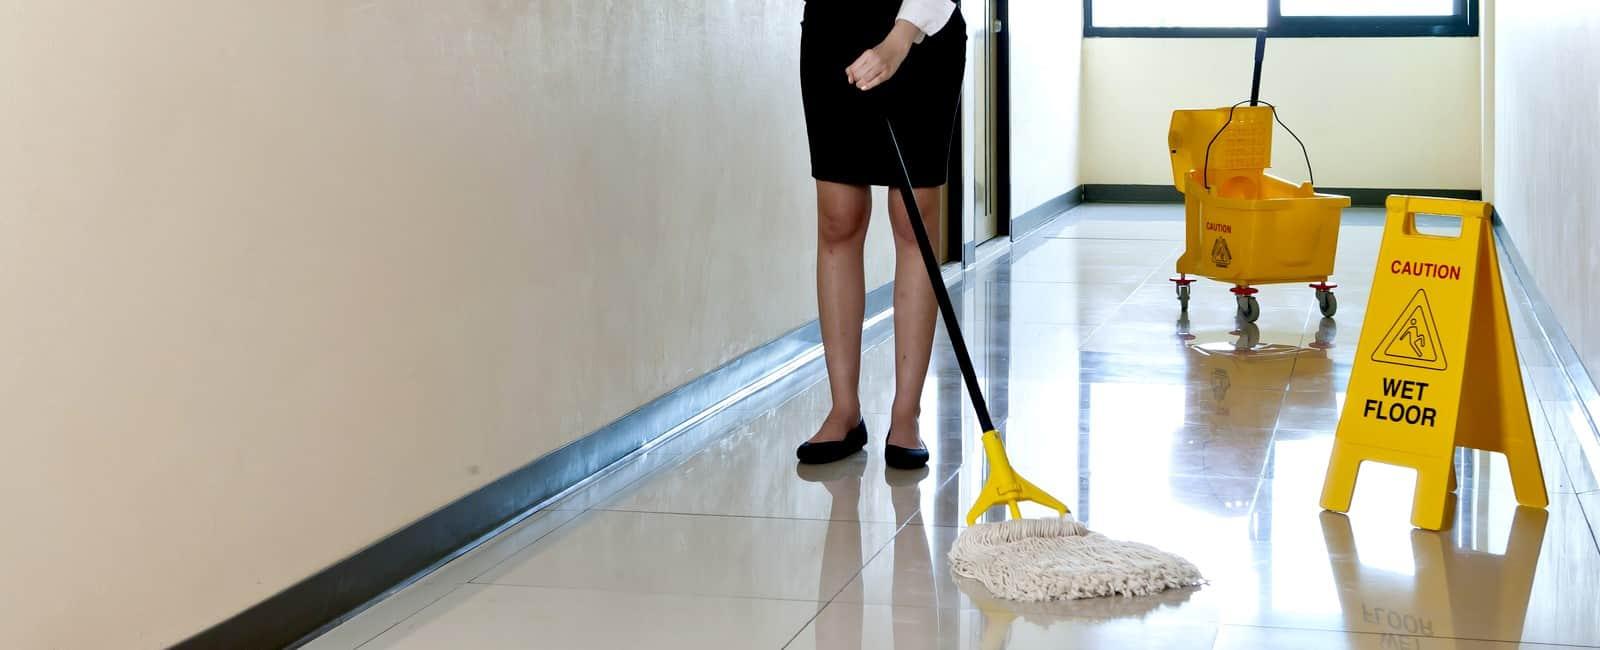 -t-+-+T--a¦+-¦-mop-floor-sign